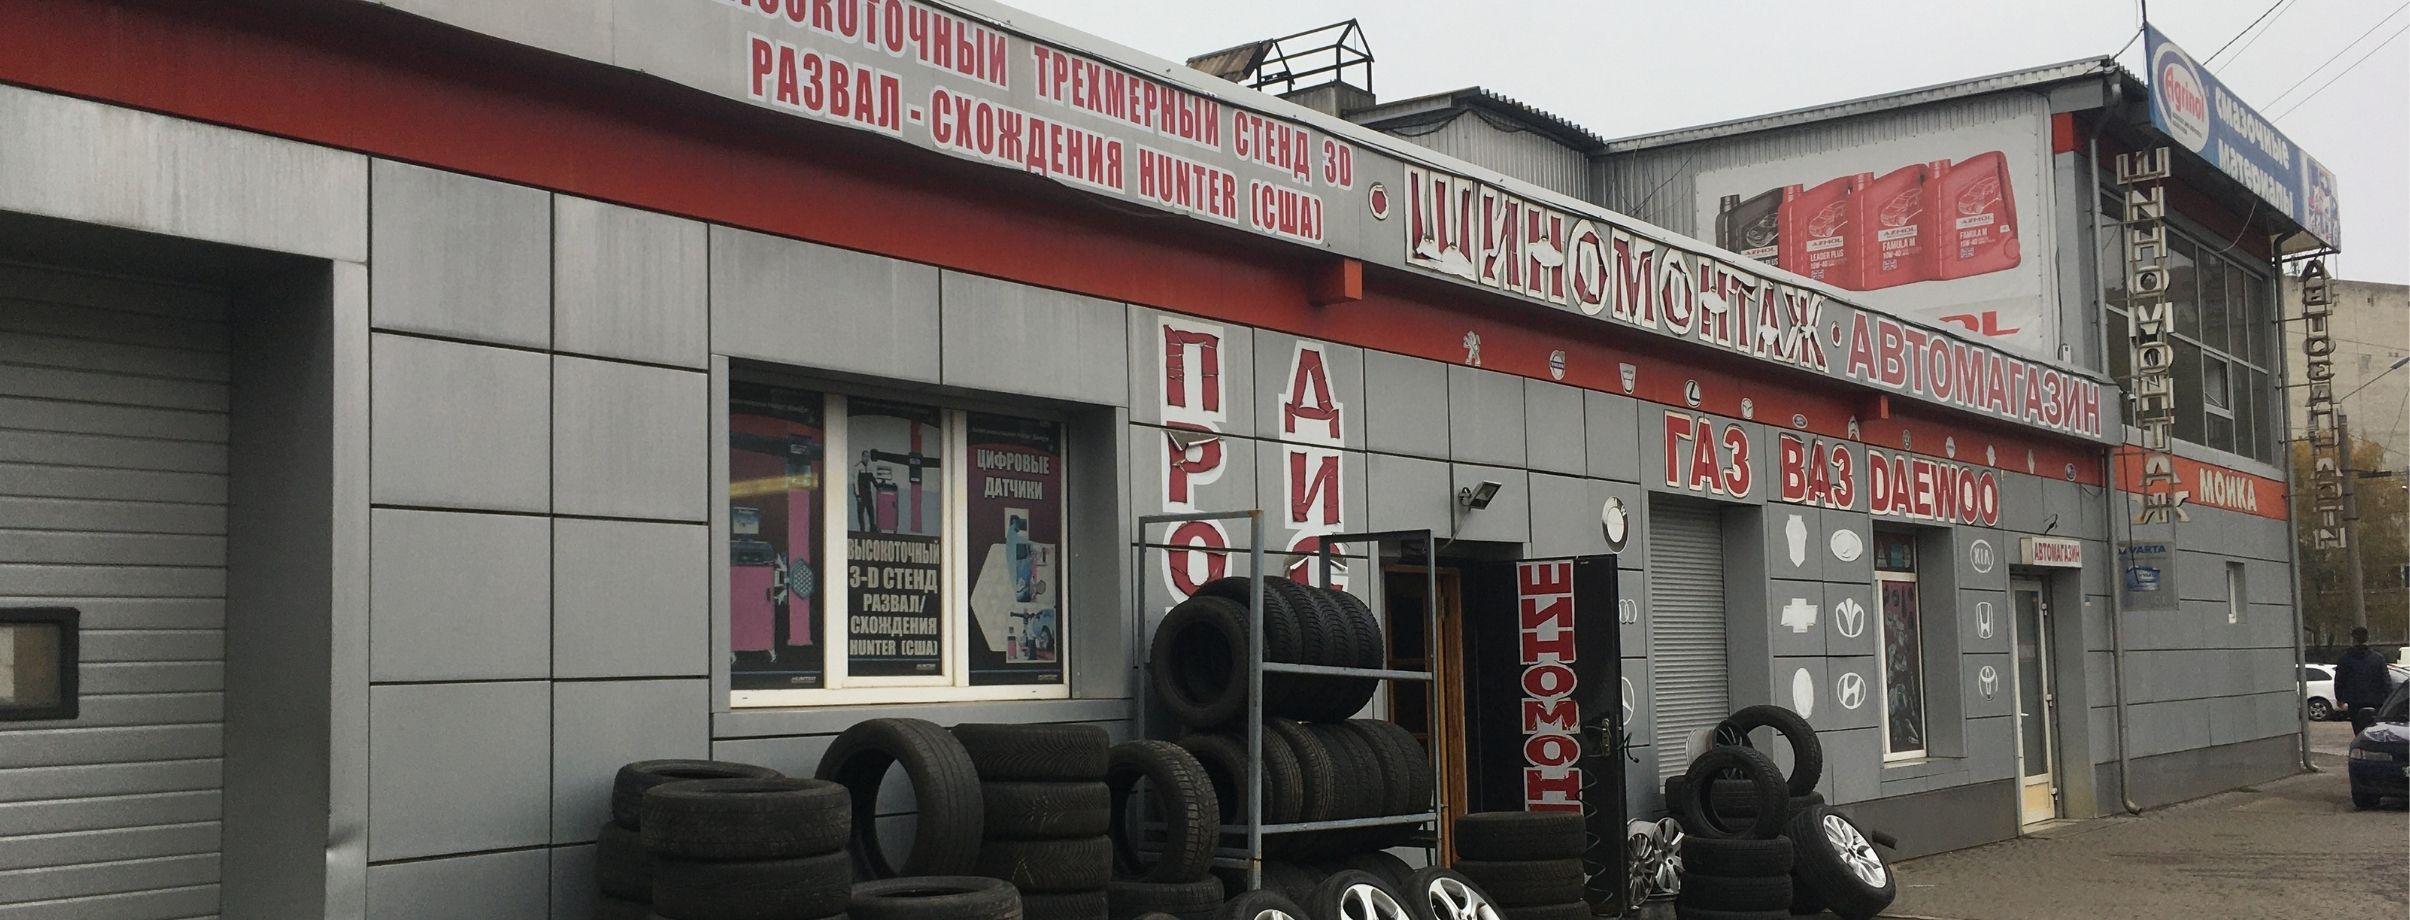 STO AvtoMarka - Home - Устуги СТО